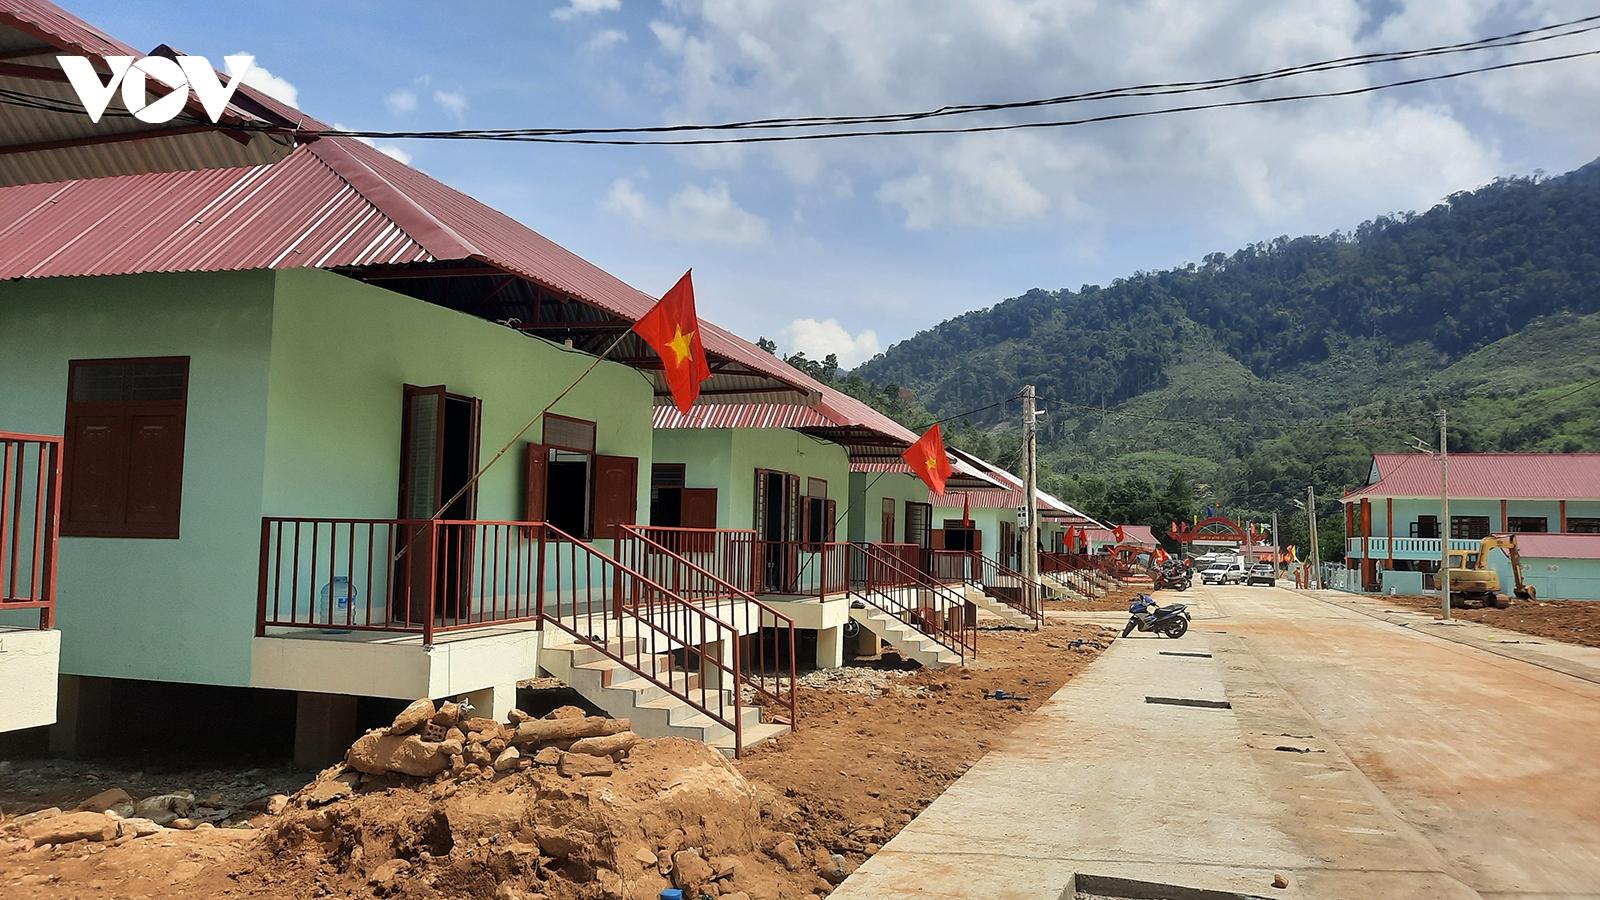 Quảng Nam đặt mục tiêu đến năm 2025 hoàn thành sắp xếp, ổn định dân cư miền núi